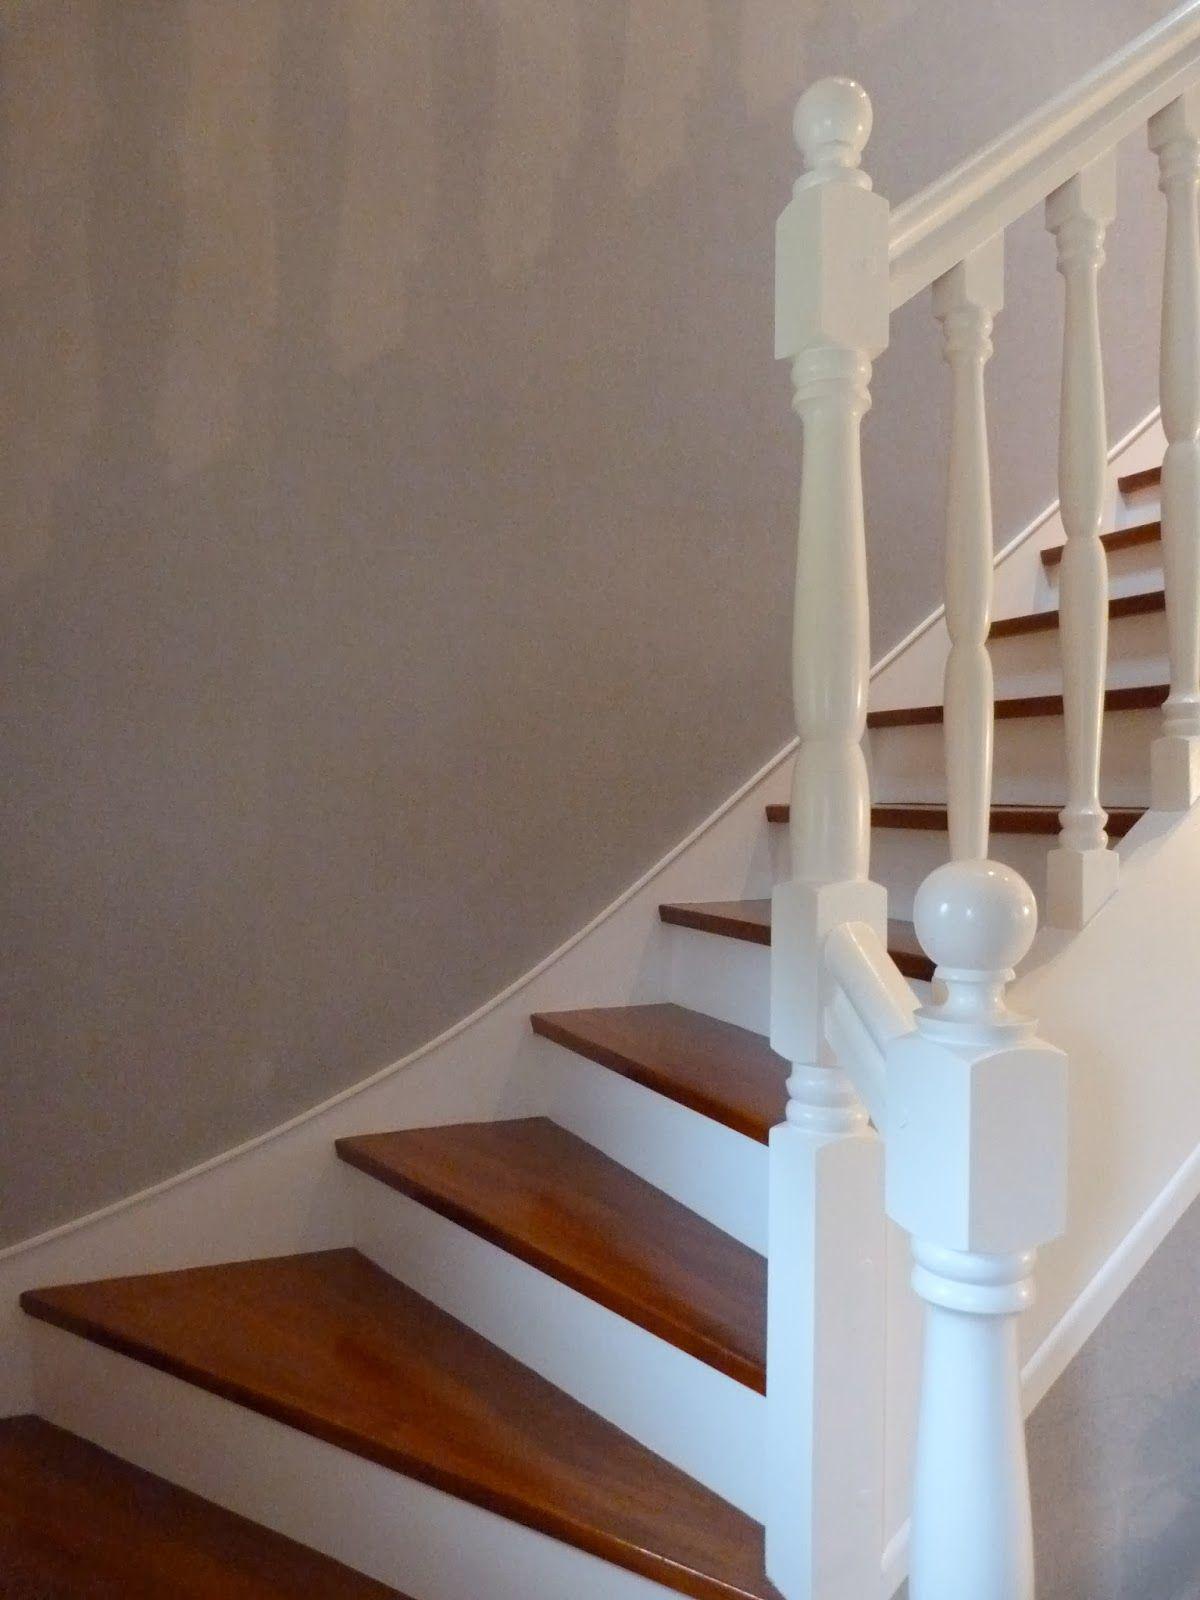 Décoration Marche Escalier Intérieur anthracite déco: rénovation d'escalier | idée déco escalier